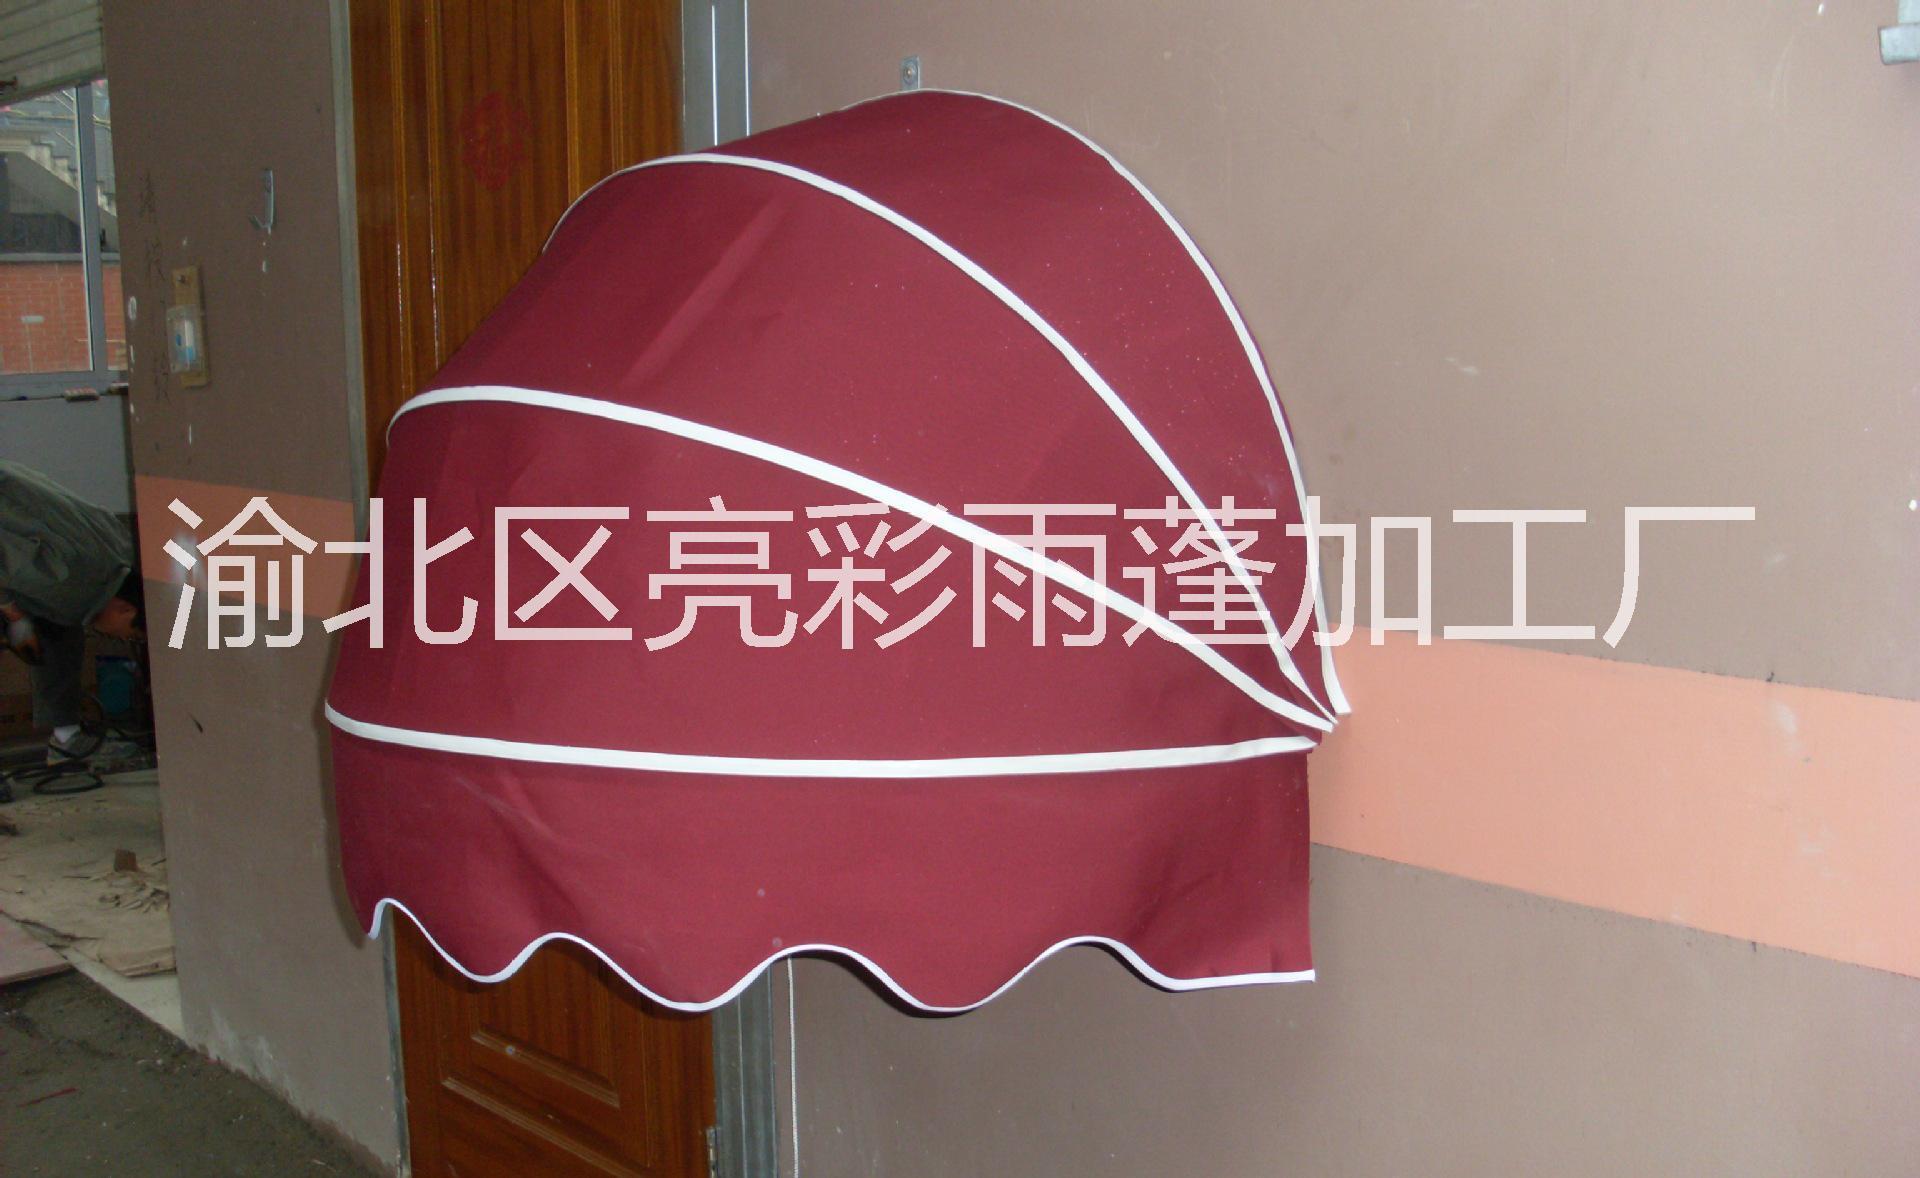 法式蓬 法式蓬厂家 重庆法式蓬厂家 定制 价格从优 亮彩雨棚欢迎用户来电洽谈